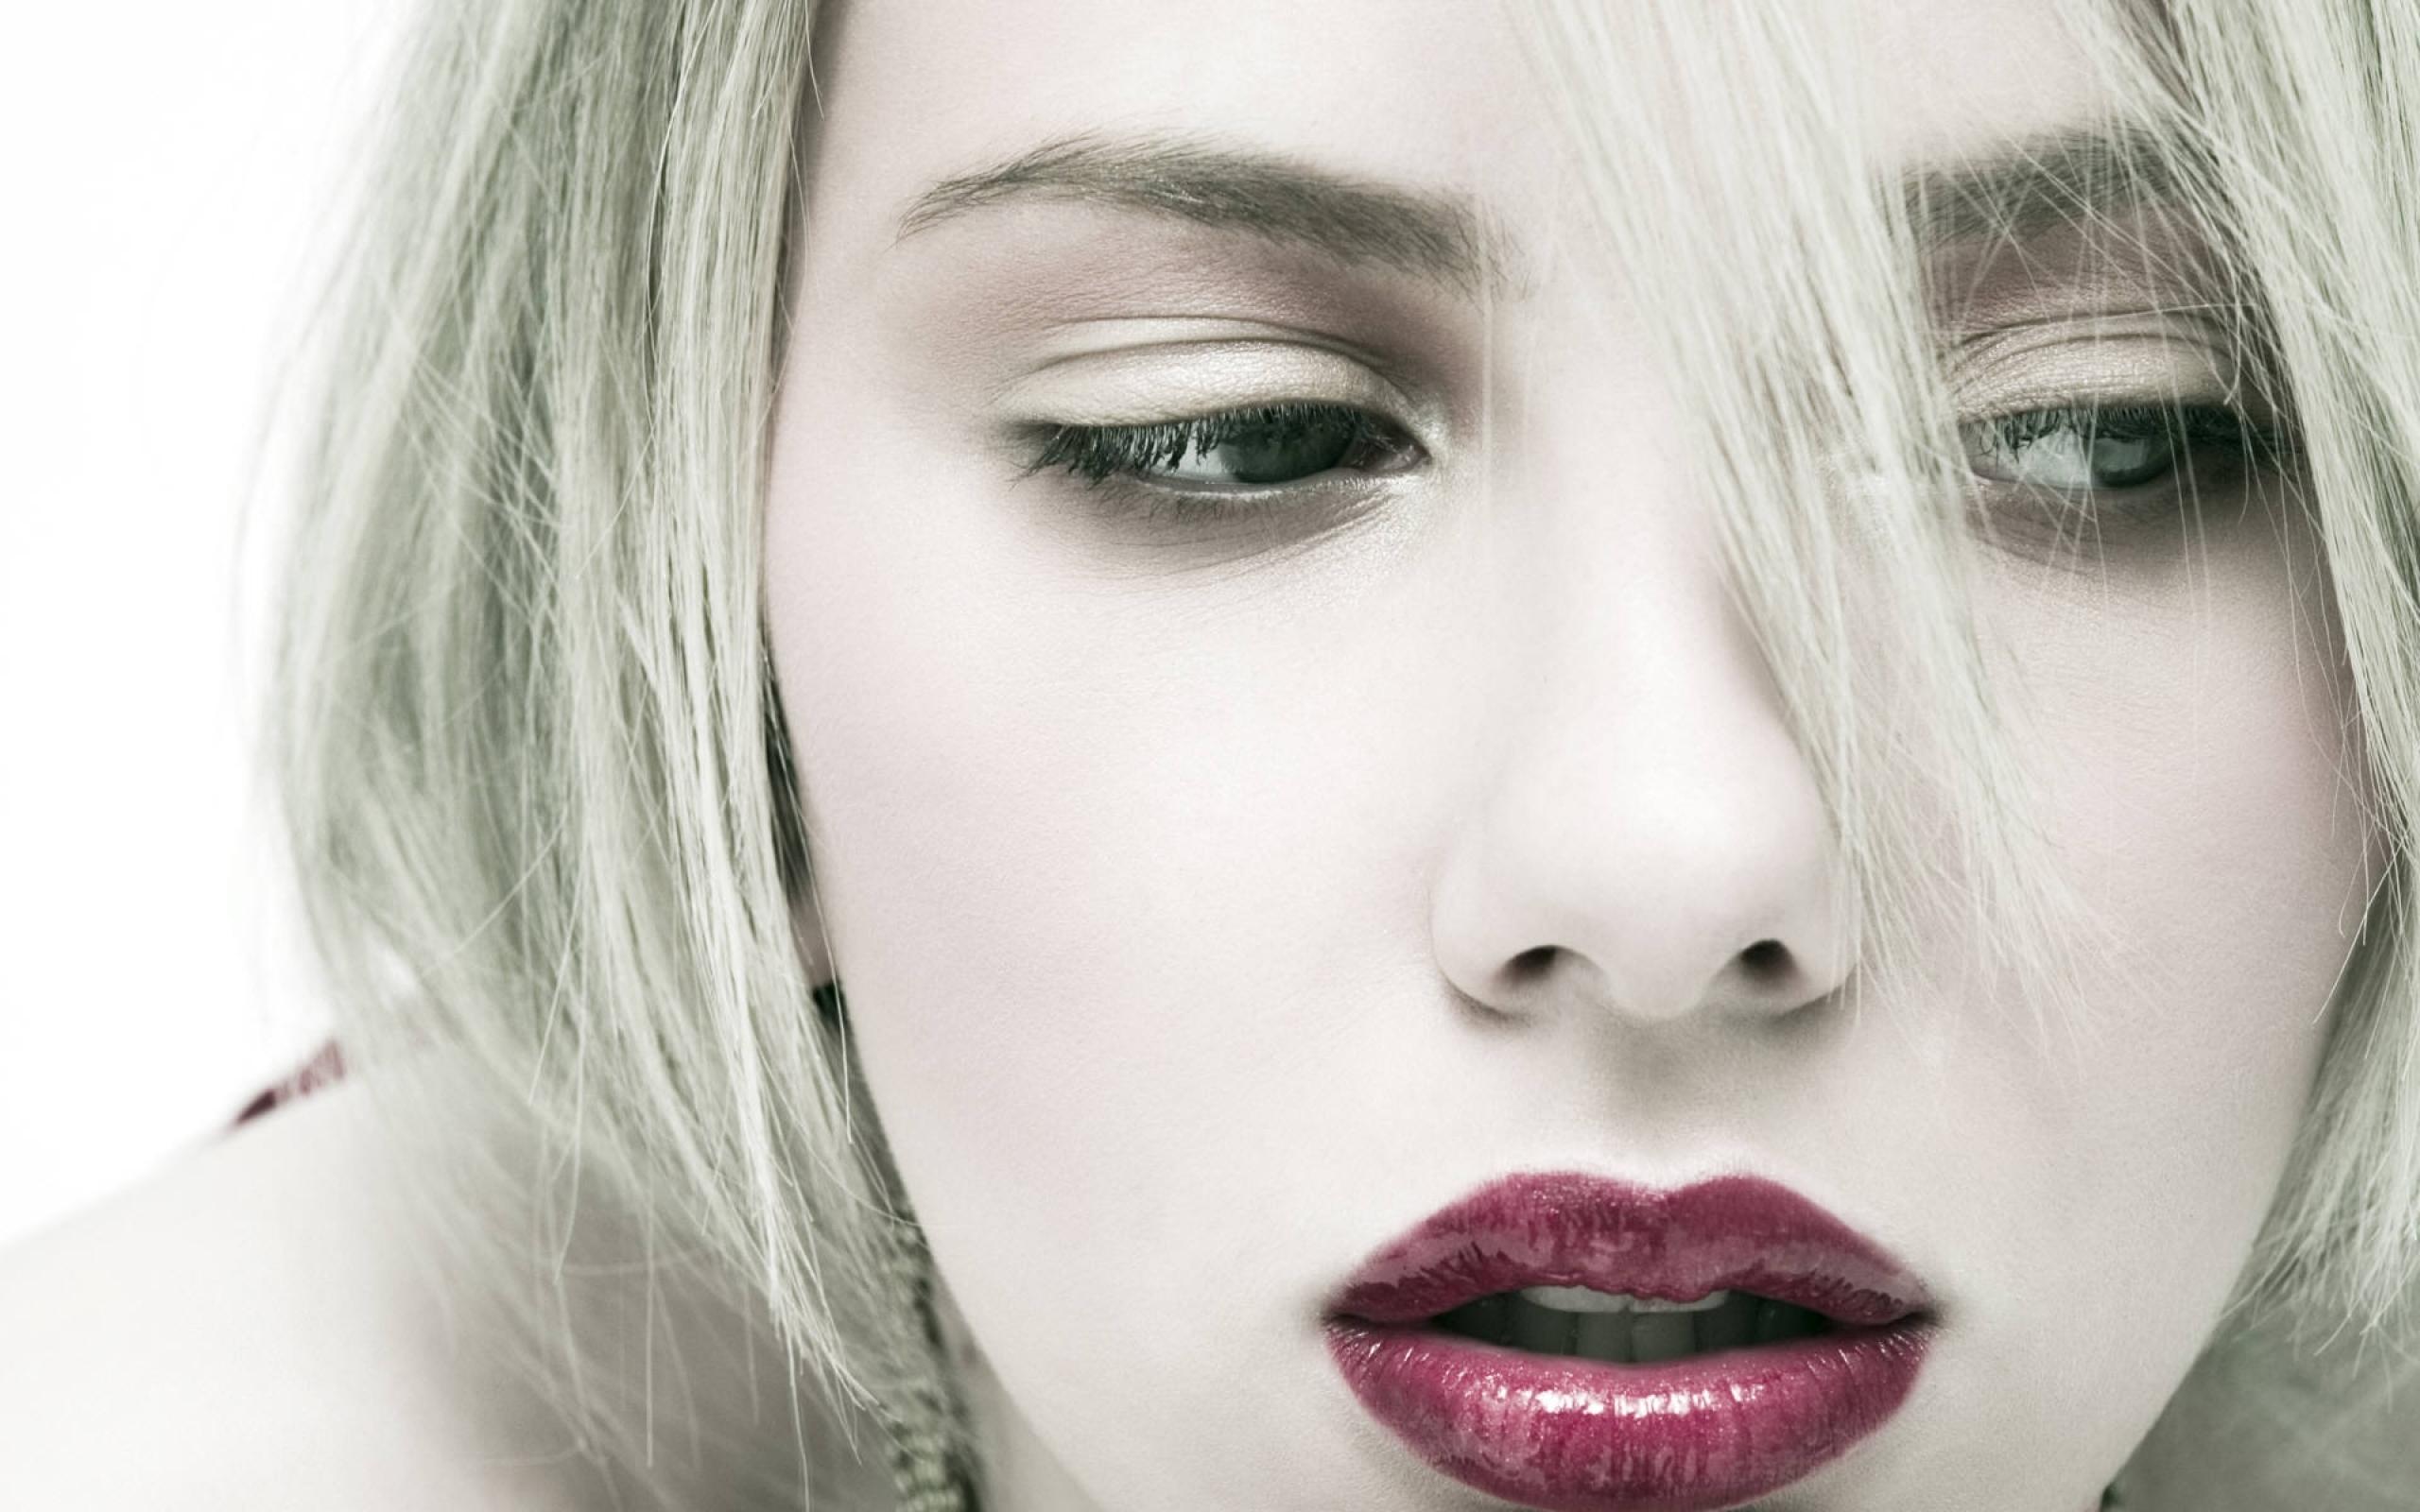 Los medios de las arrugas alrededor de los ojos hasta 30 años